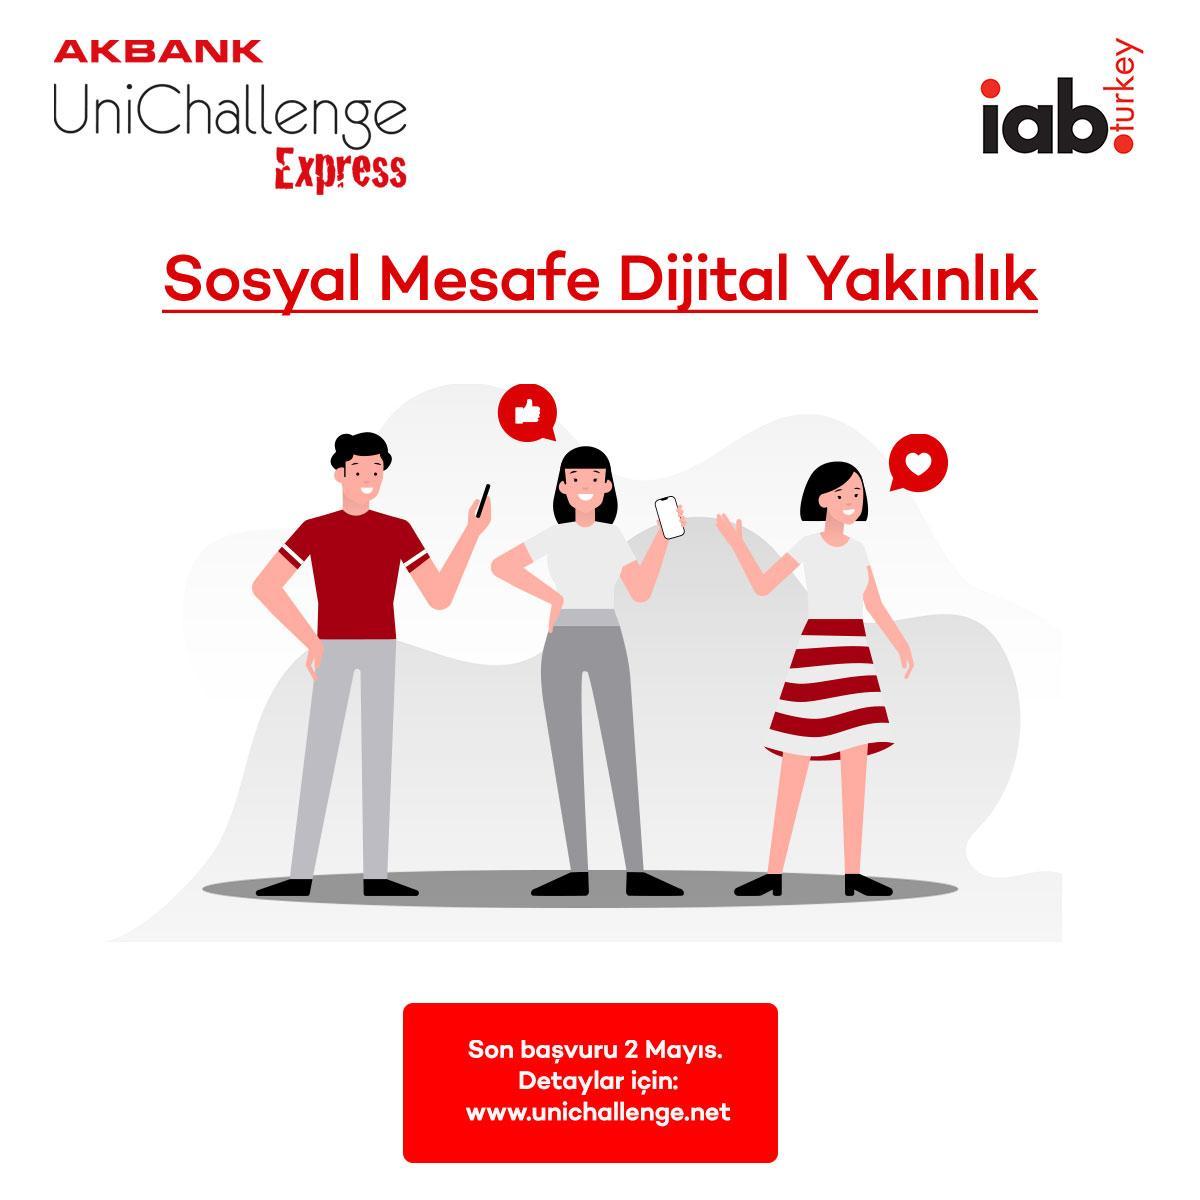 Akbank, gençleri dijital dünyada yeni kariyer olanaklarıyla tanıştırıyor